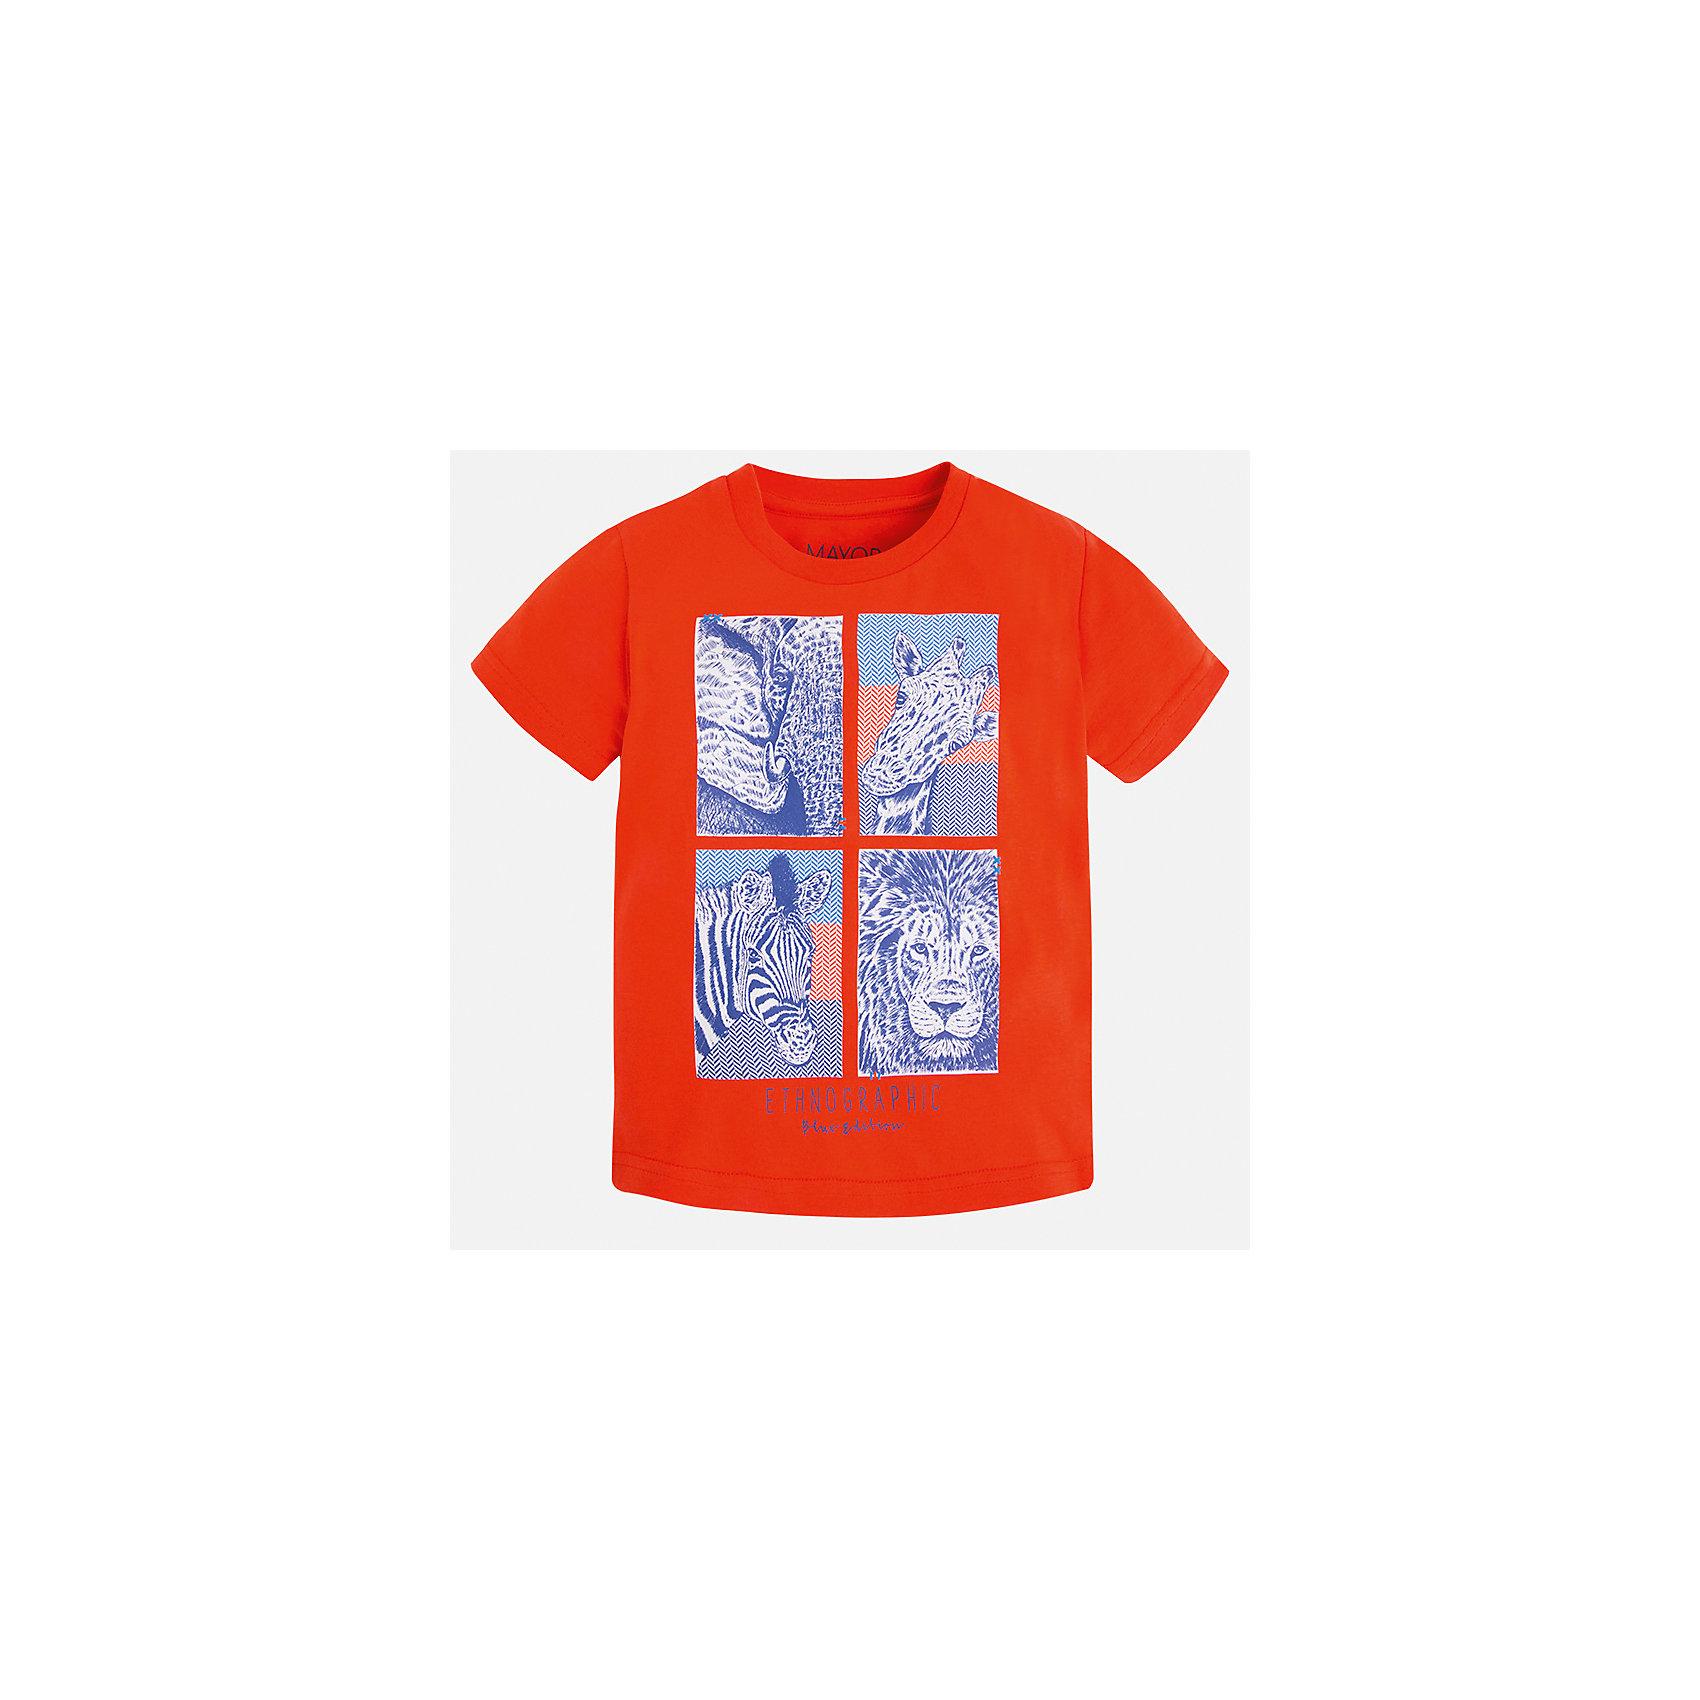 Футболка для мальчика MayoralФутболки, поло и топы<br>Характеристики товара:<br><br>• цвет: красный<br>• состав: 100% хлопок<br>• круглый горловой вырез<br>• декорирована принтом<br>• короткие рукава<br>• отделка горловины<br>• страна бренда: Испания<br><br>Модная удобная футболка с принтом поможет разнообразить гардероб мальчика. Она отлично сочетается с брюками, шортами, джинсами. Универсальный крой и цвет позволяет подобрать к вещи низ разных расцветок. Практичное и стильное изделие! Хорошо смотрится и комфортно сидит на детях. В составе материала - только натуральный хлопок, гипоаллергенный, приятный на ощупь, дышащий. <br><br>Одежда, обувь и аксессуары от испанского бренда Mayoral полюбились детям и взрослым по всему миру. Модели этой марки - стильные и удобные. Для их производства используются только безопасные, качественные материалы и фурнитура. Порадуйте ребенка модными и красивыми вещами от Mayoral! <br><br>Футболку для мальчика от испанского бренда Mayoral (Майорал) можно купить в нашем интернет-магазине.<br><br>Ширина мм: 199<br>Глубина мм: 10<br>Высота мм: 161<br>Вес г: 151<br>Цвет: красный<br>Возраст от месяцев: 48<br>Возраст до месяцев: 60<br>Пол: Мужской<br>Возраст: Детский<br>Размер: 110,128,122,116,104,98,92,134<br>SKU: 5279881